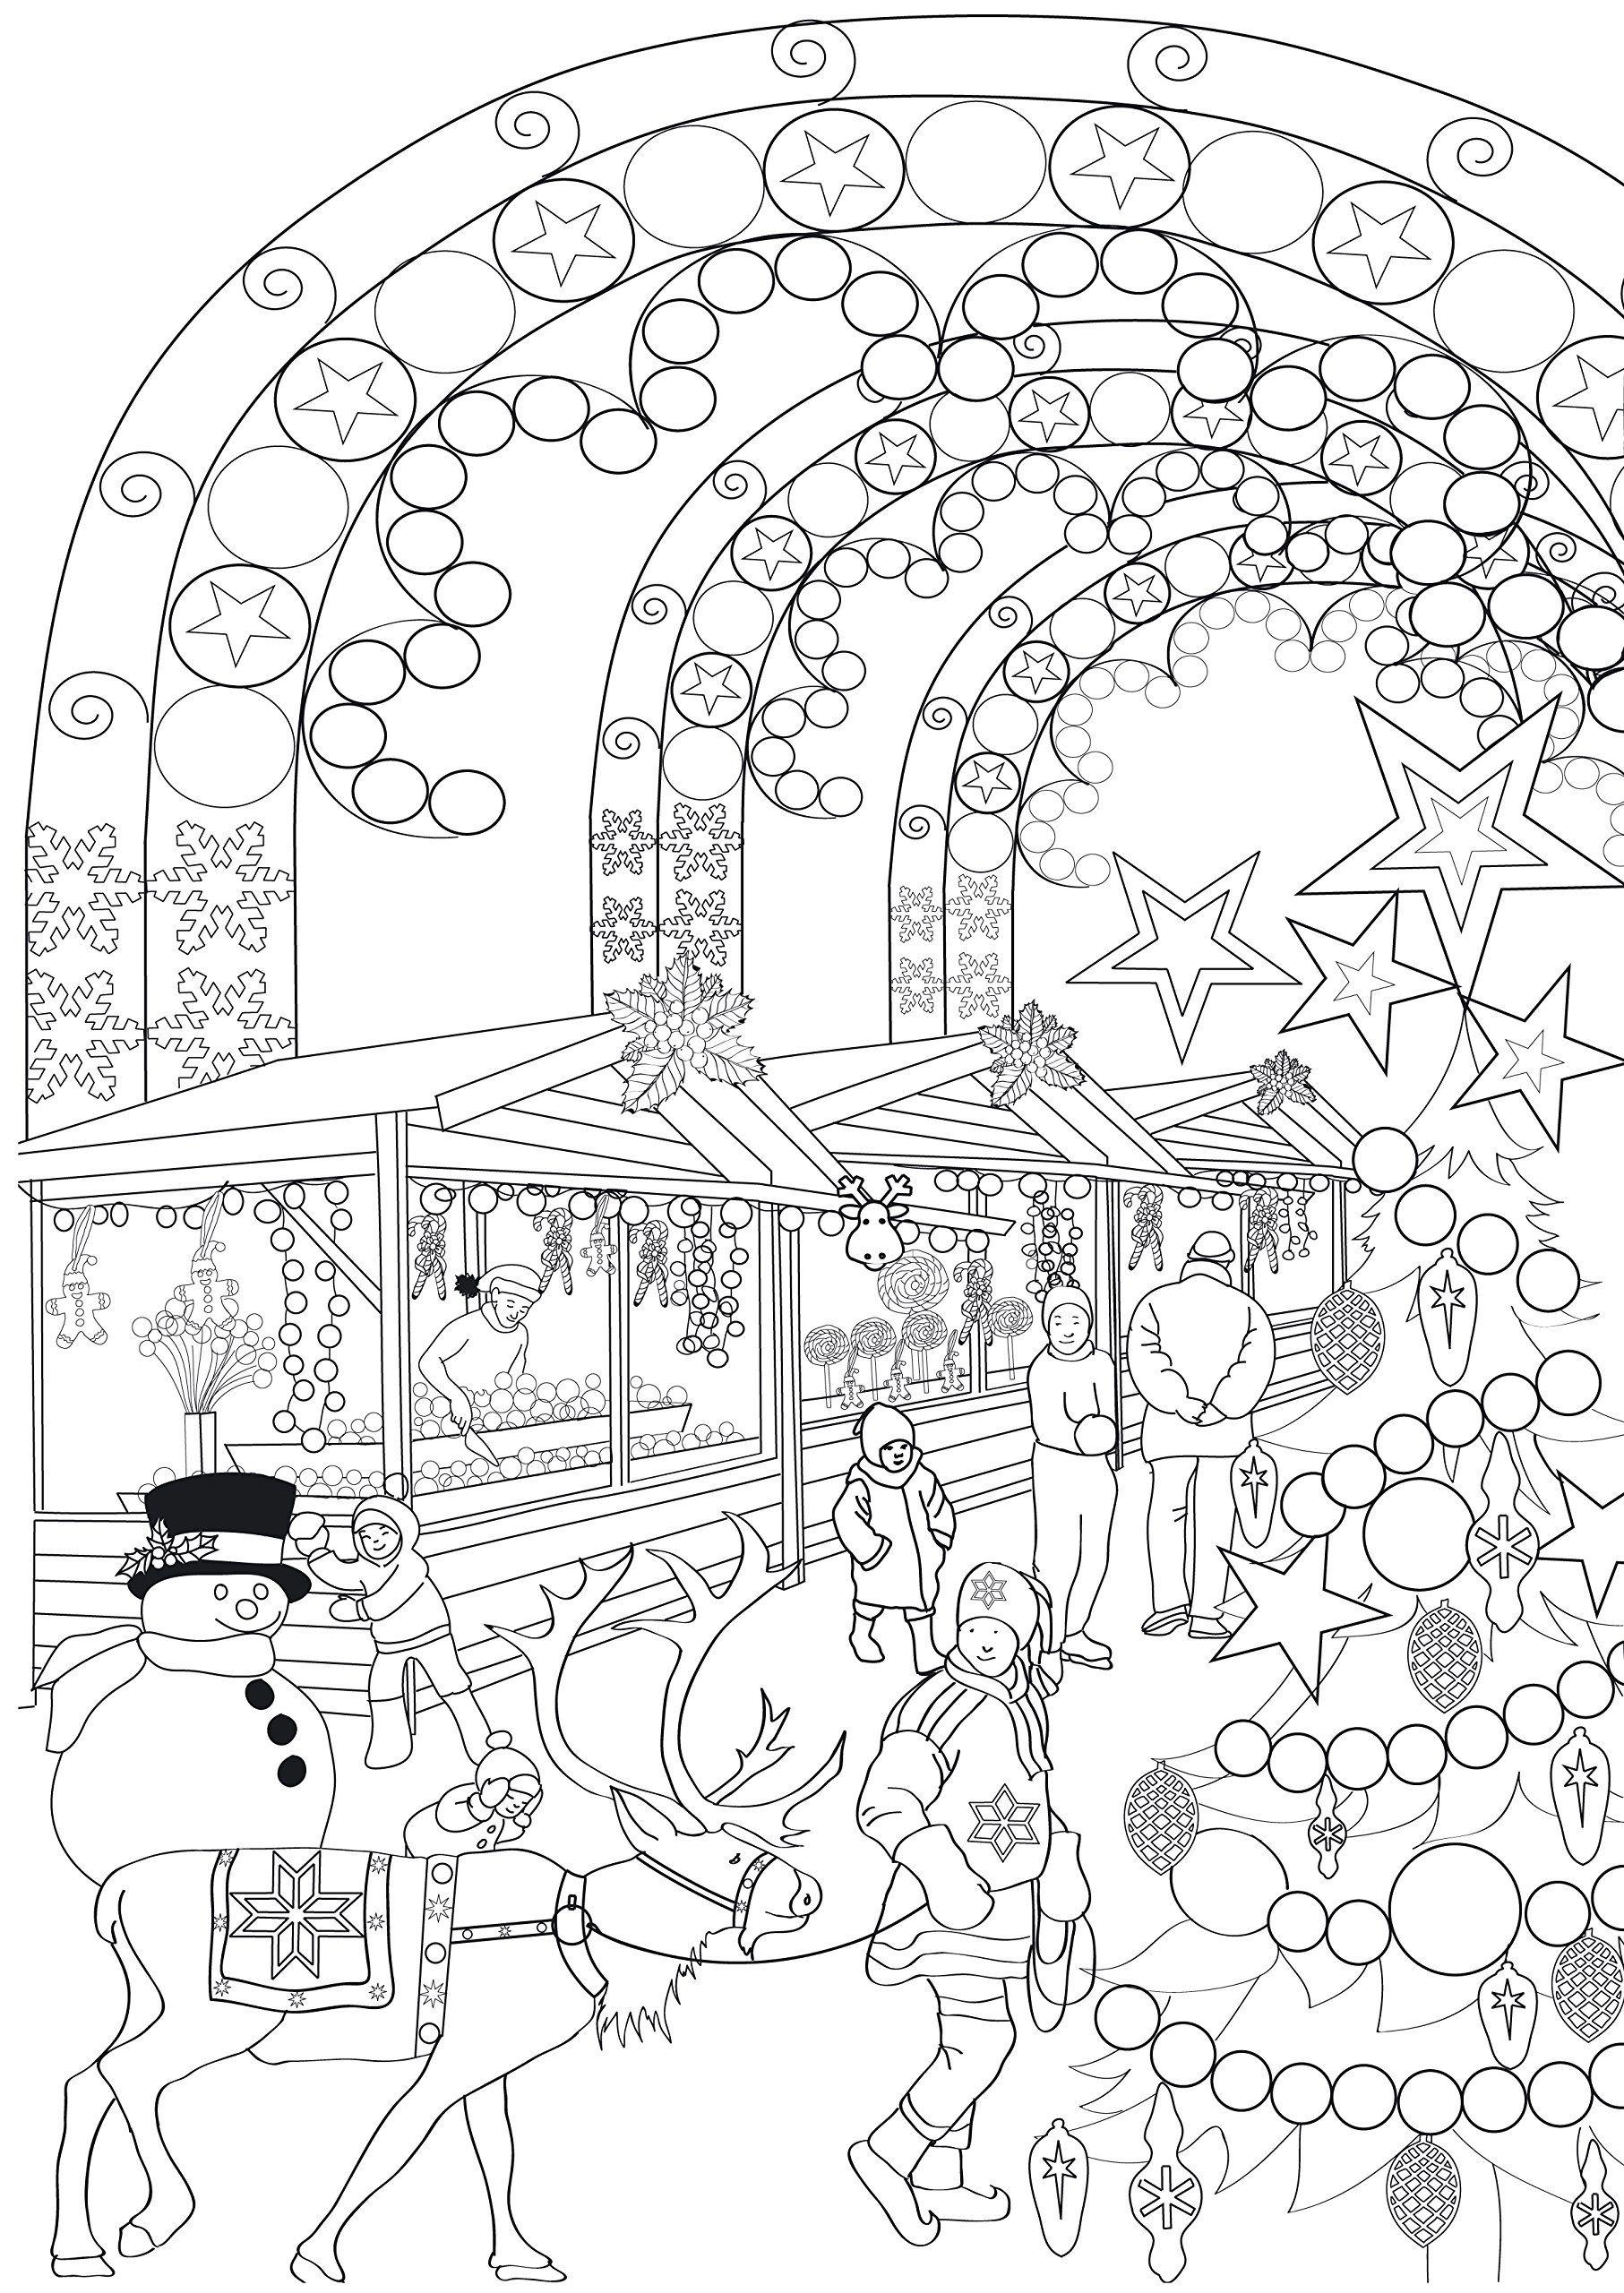 Amazon.fr - Hiver: 100 Coloriages Anti-Stress Art-Thérapie serapportantà Coloriage Art Thérapie